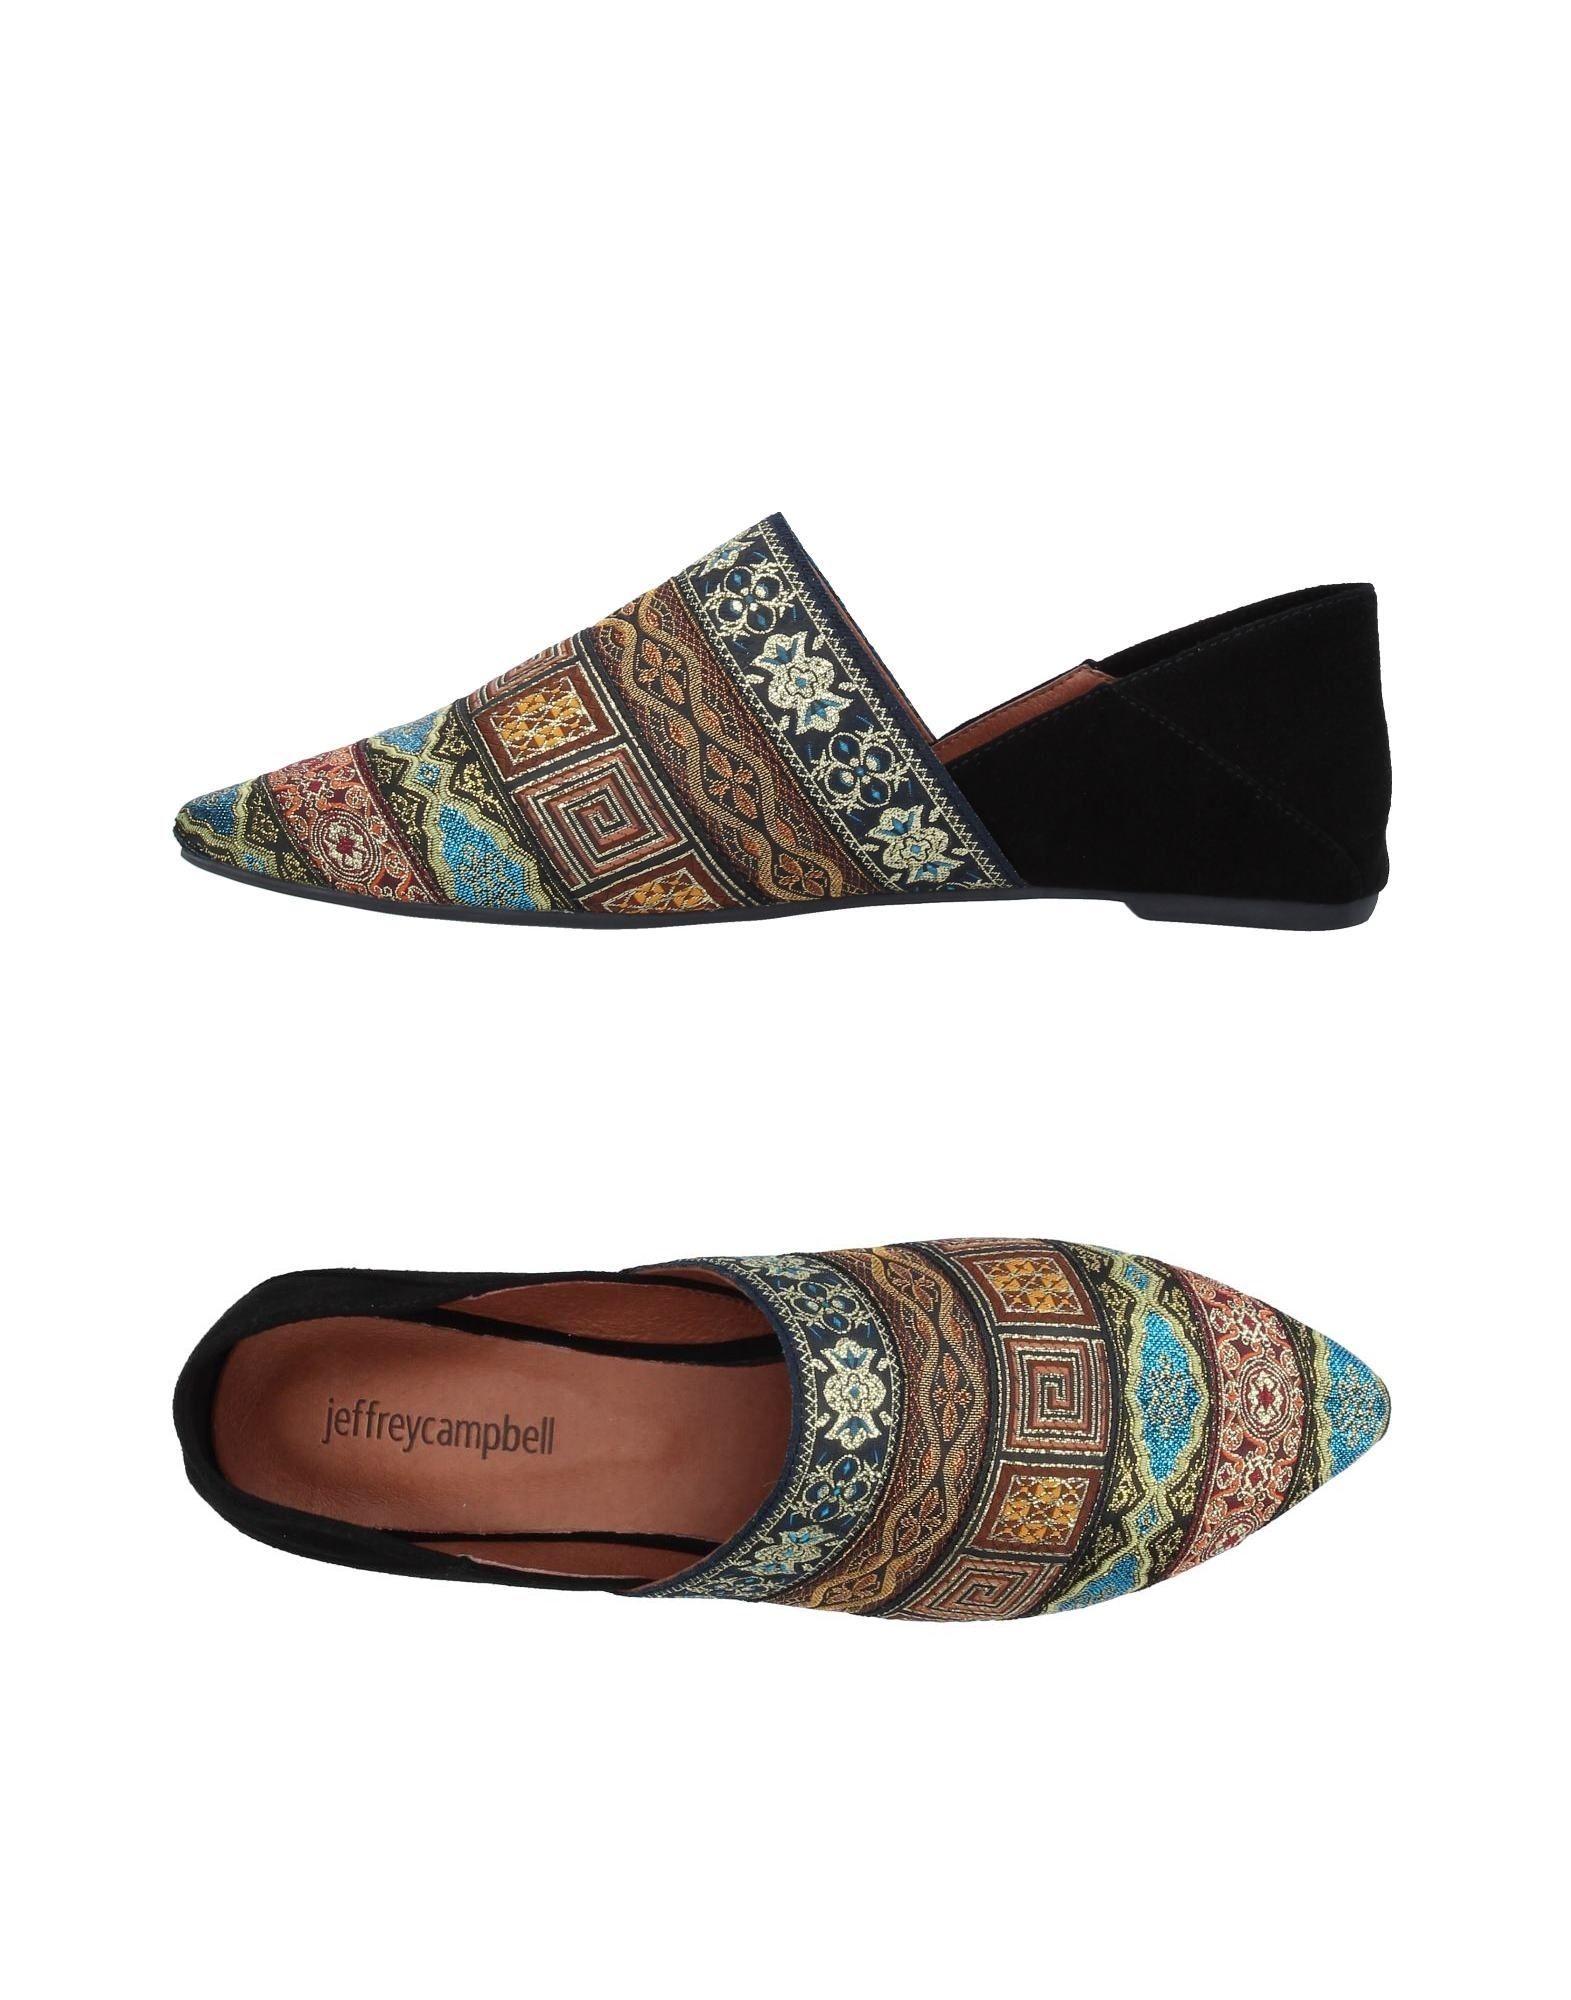 Jeffrey Campbell Mokassins Damen  11340570TS Gute Qualität beliebte Schuhe